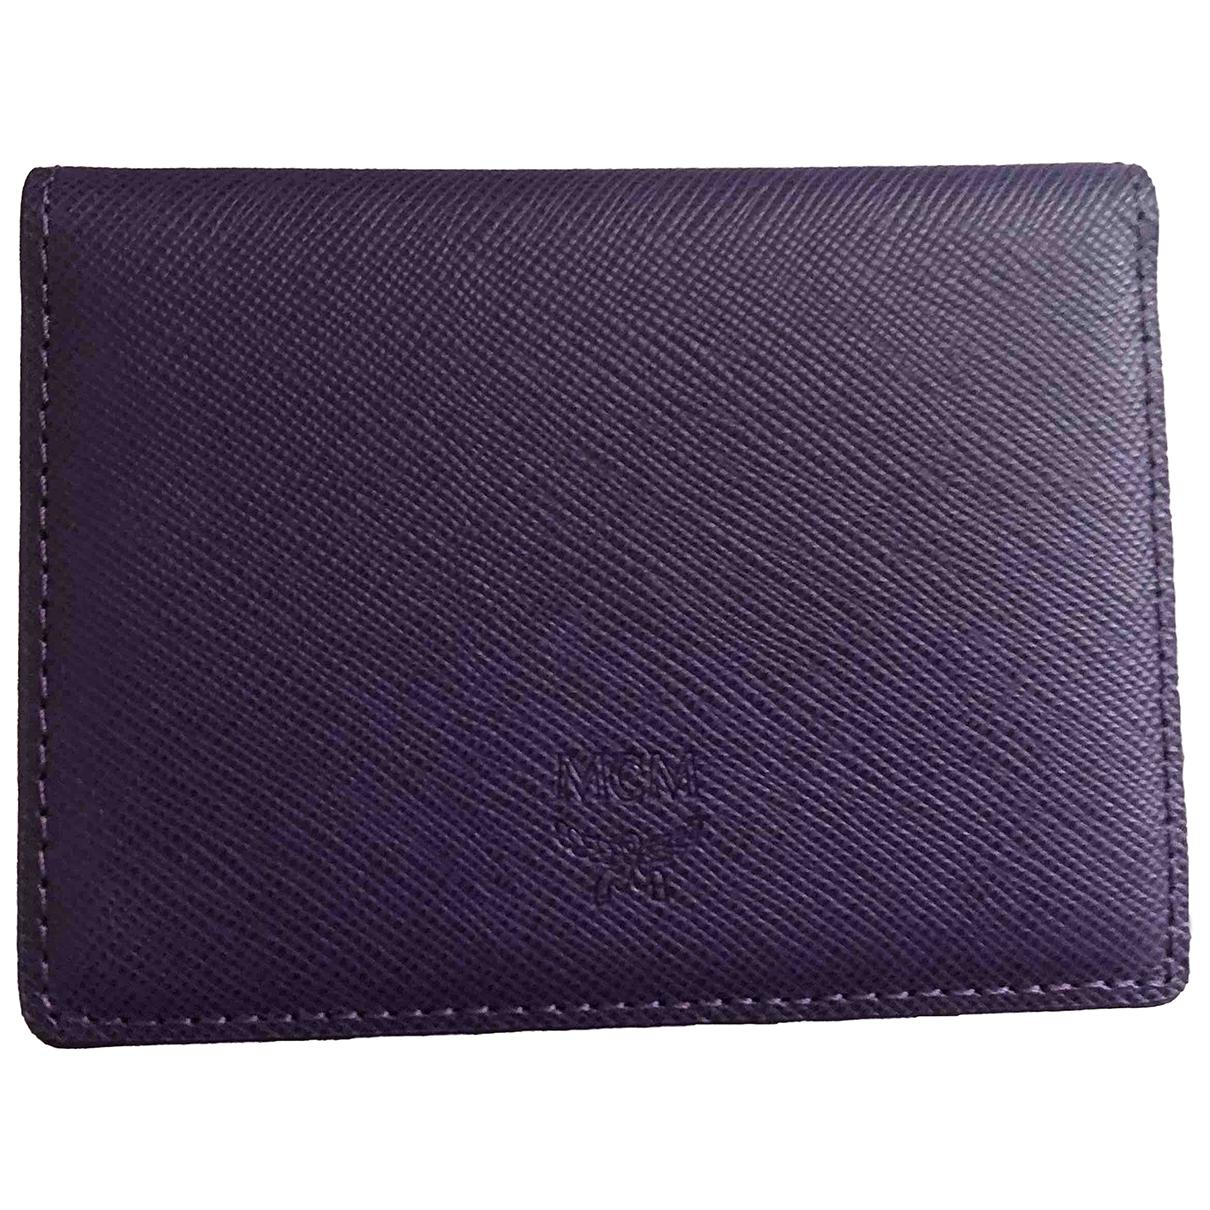 Mcm - Portefeuille   pour femme en cuir - violet